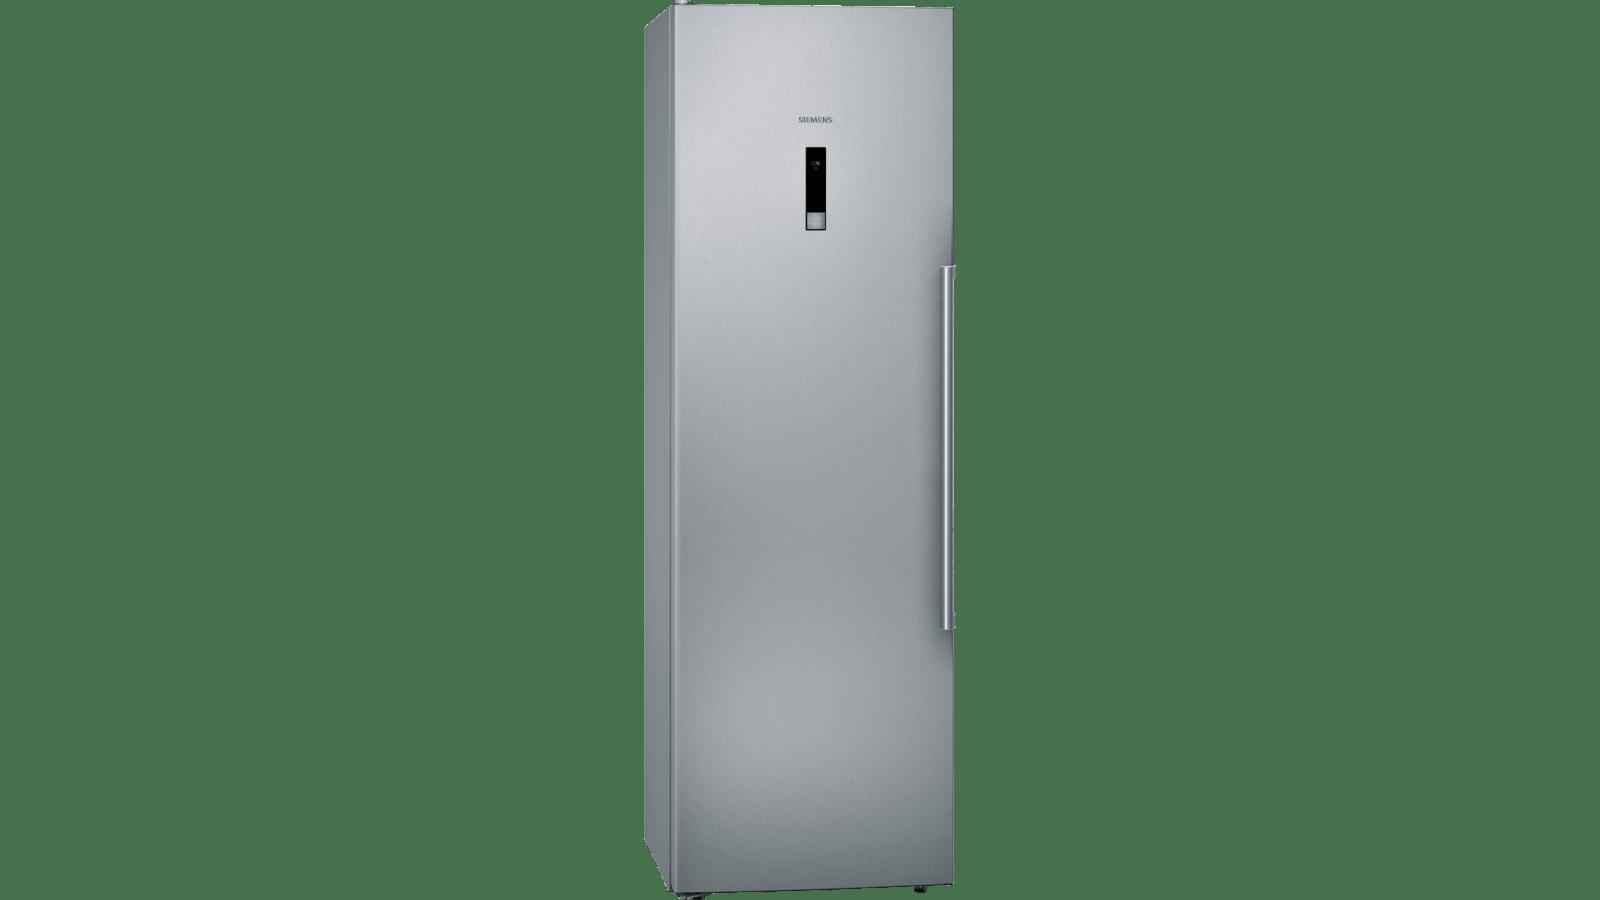 Refrigerateur Americain Faible Largeur iq500 réfrigérateur pose-libre 186 x 60 cm inox-easyclean ks36vbi3p